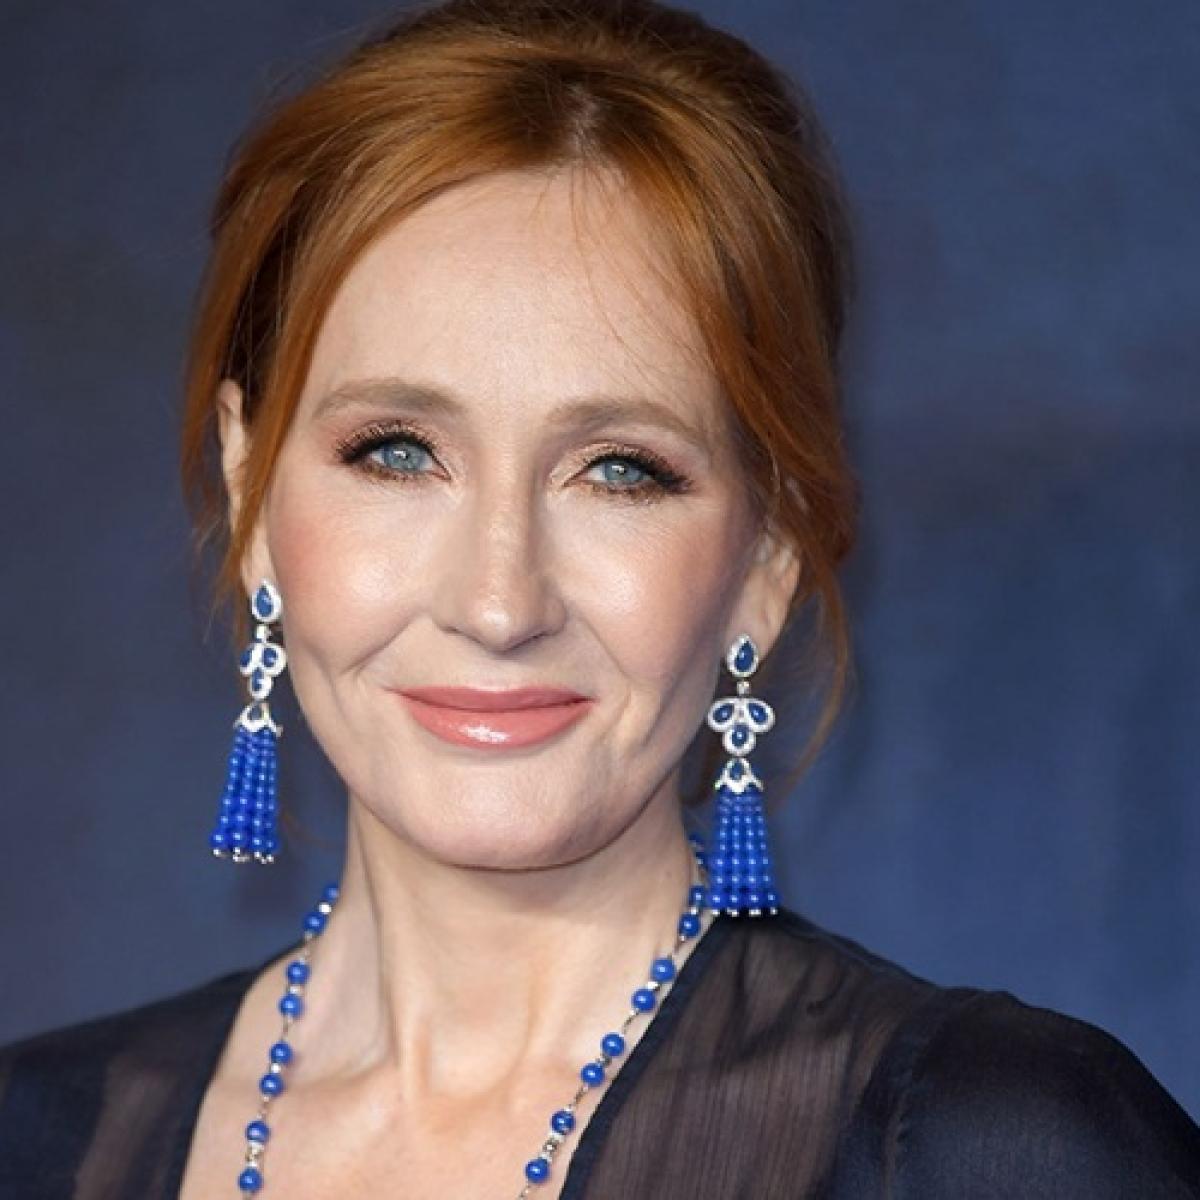 JK Rowling slammed for transgender remarks